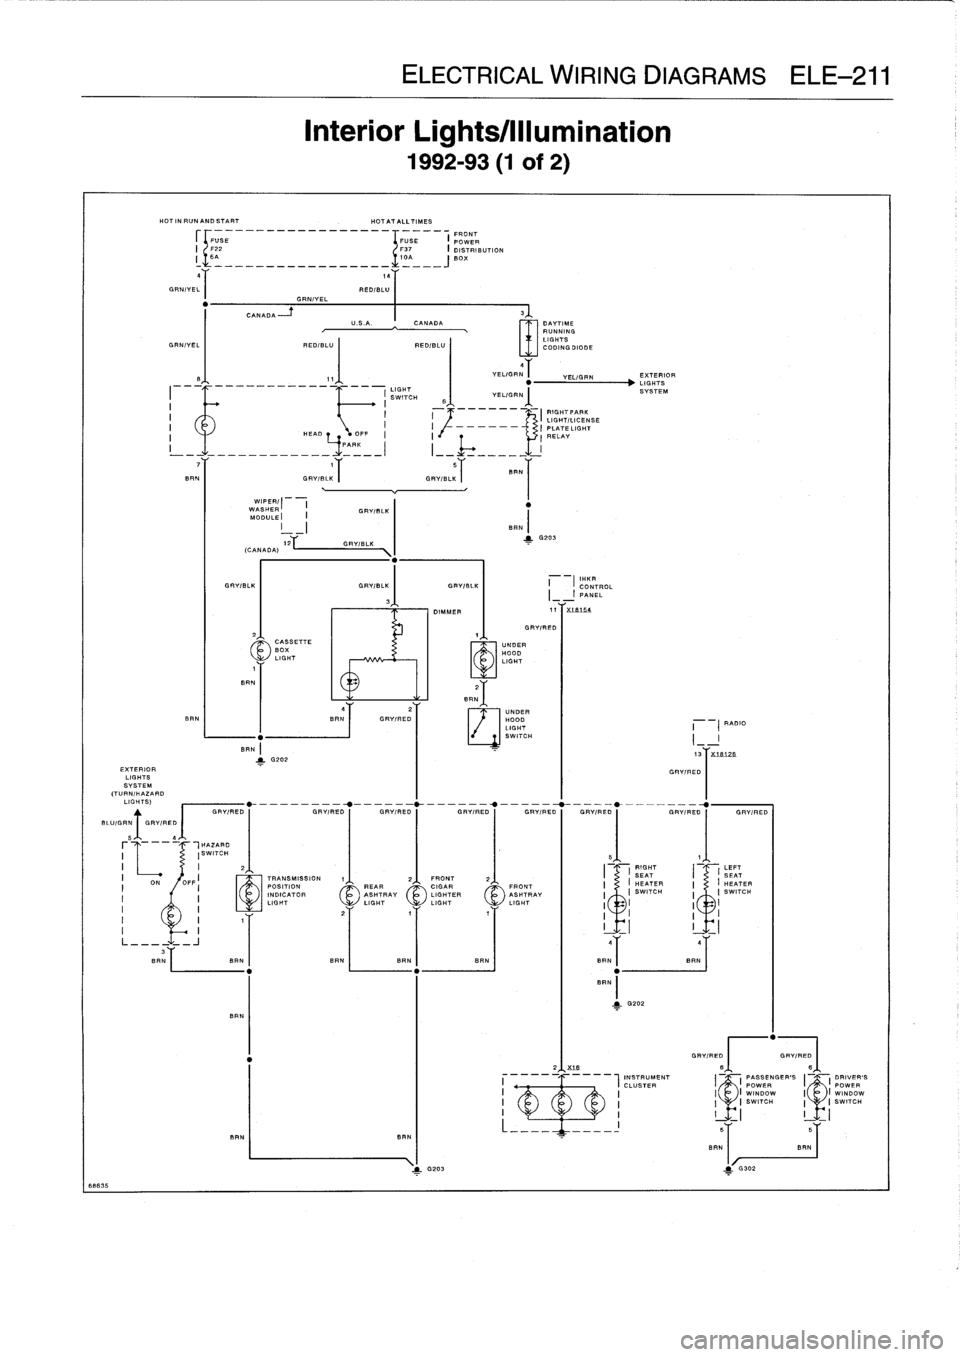 Bmw 318i 1997 E36 Workshop Manual 5 318ti Electrical Schematic Diagram